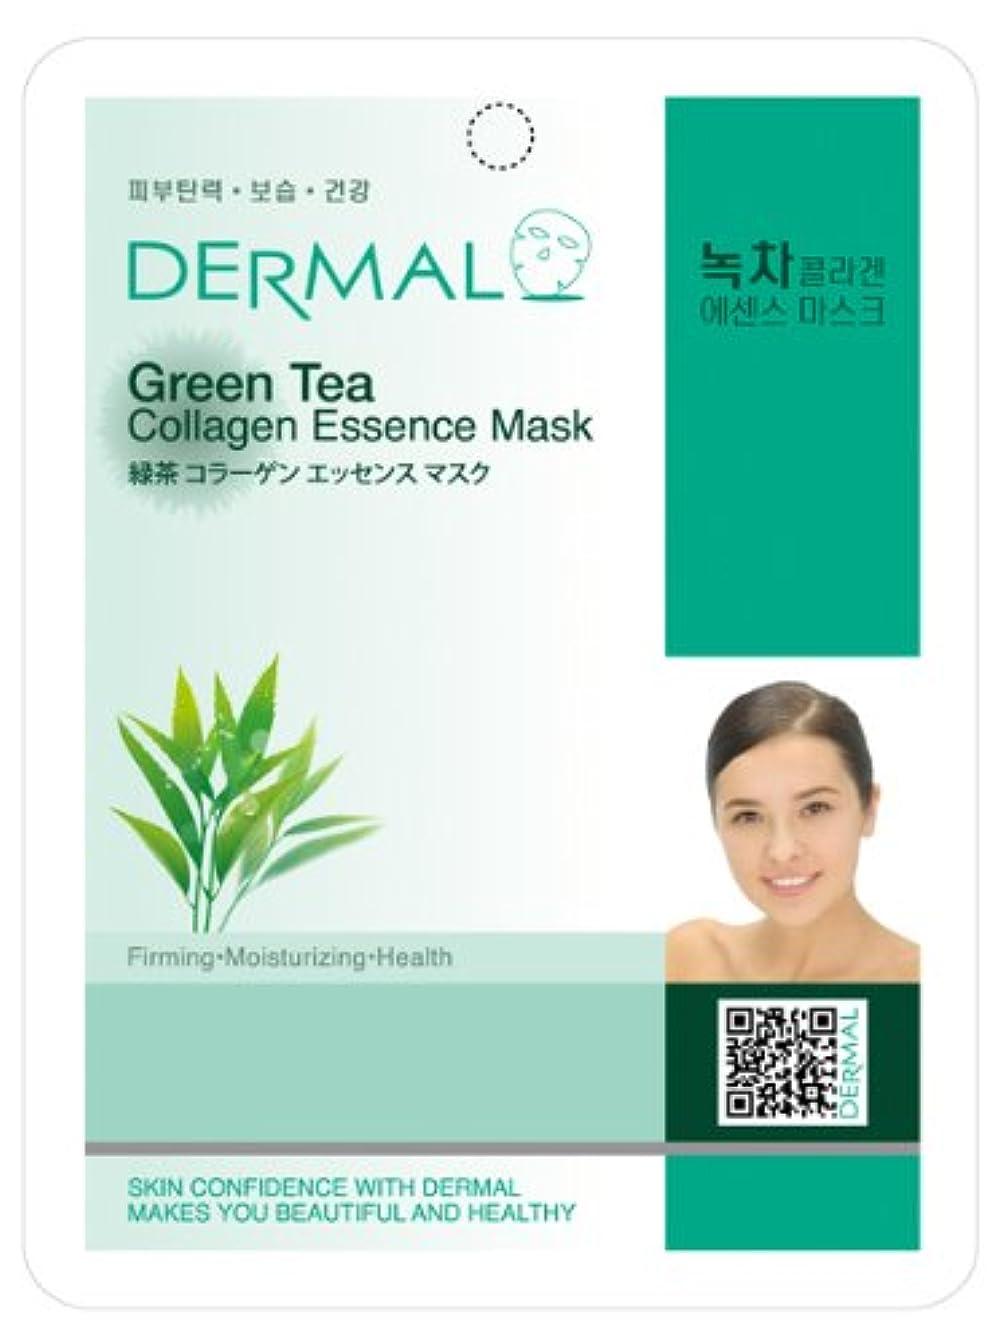 変わる交じる上にシートマスク 緑茶 100枚セット ダーマル(Dermal) フェイス パック